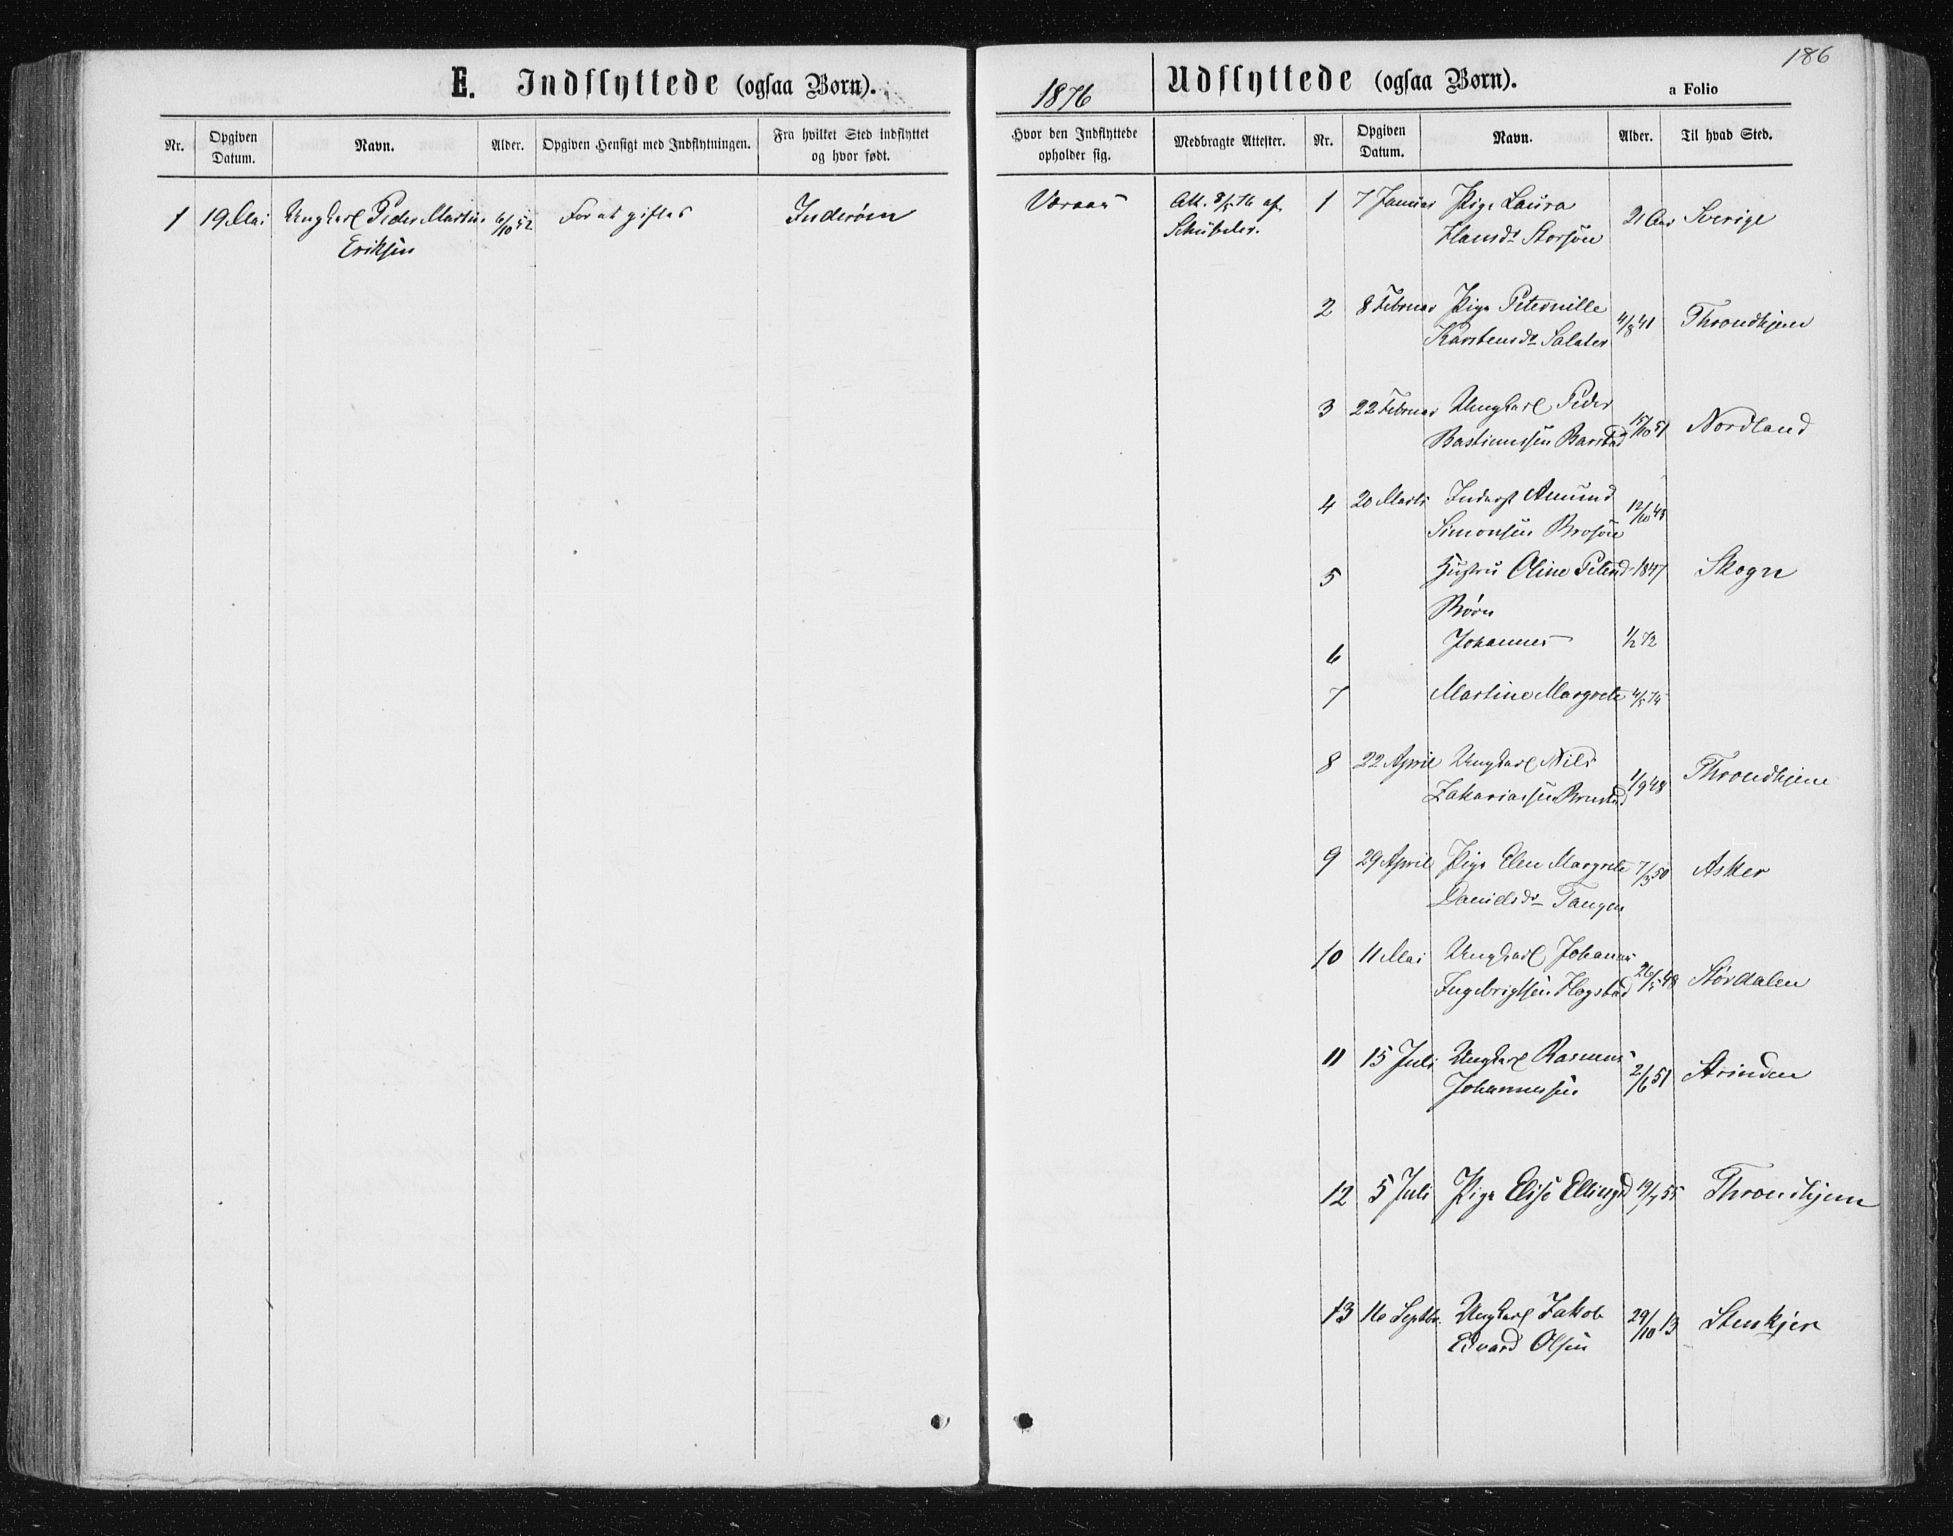 SAT, Ministerialprotokoller, klokkerbøker og fødselsregistre - Nord-Trøndelag, 722/L0219: Ministerialbok nr. 722A06, 1868-1880, s. 186